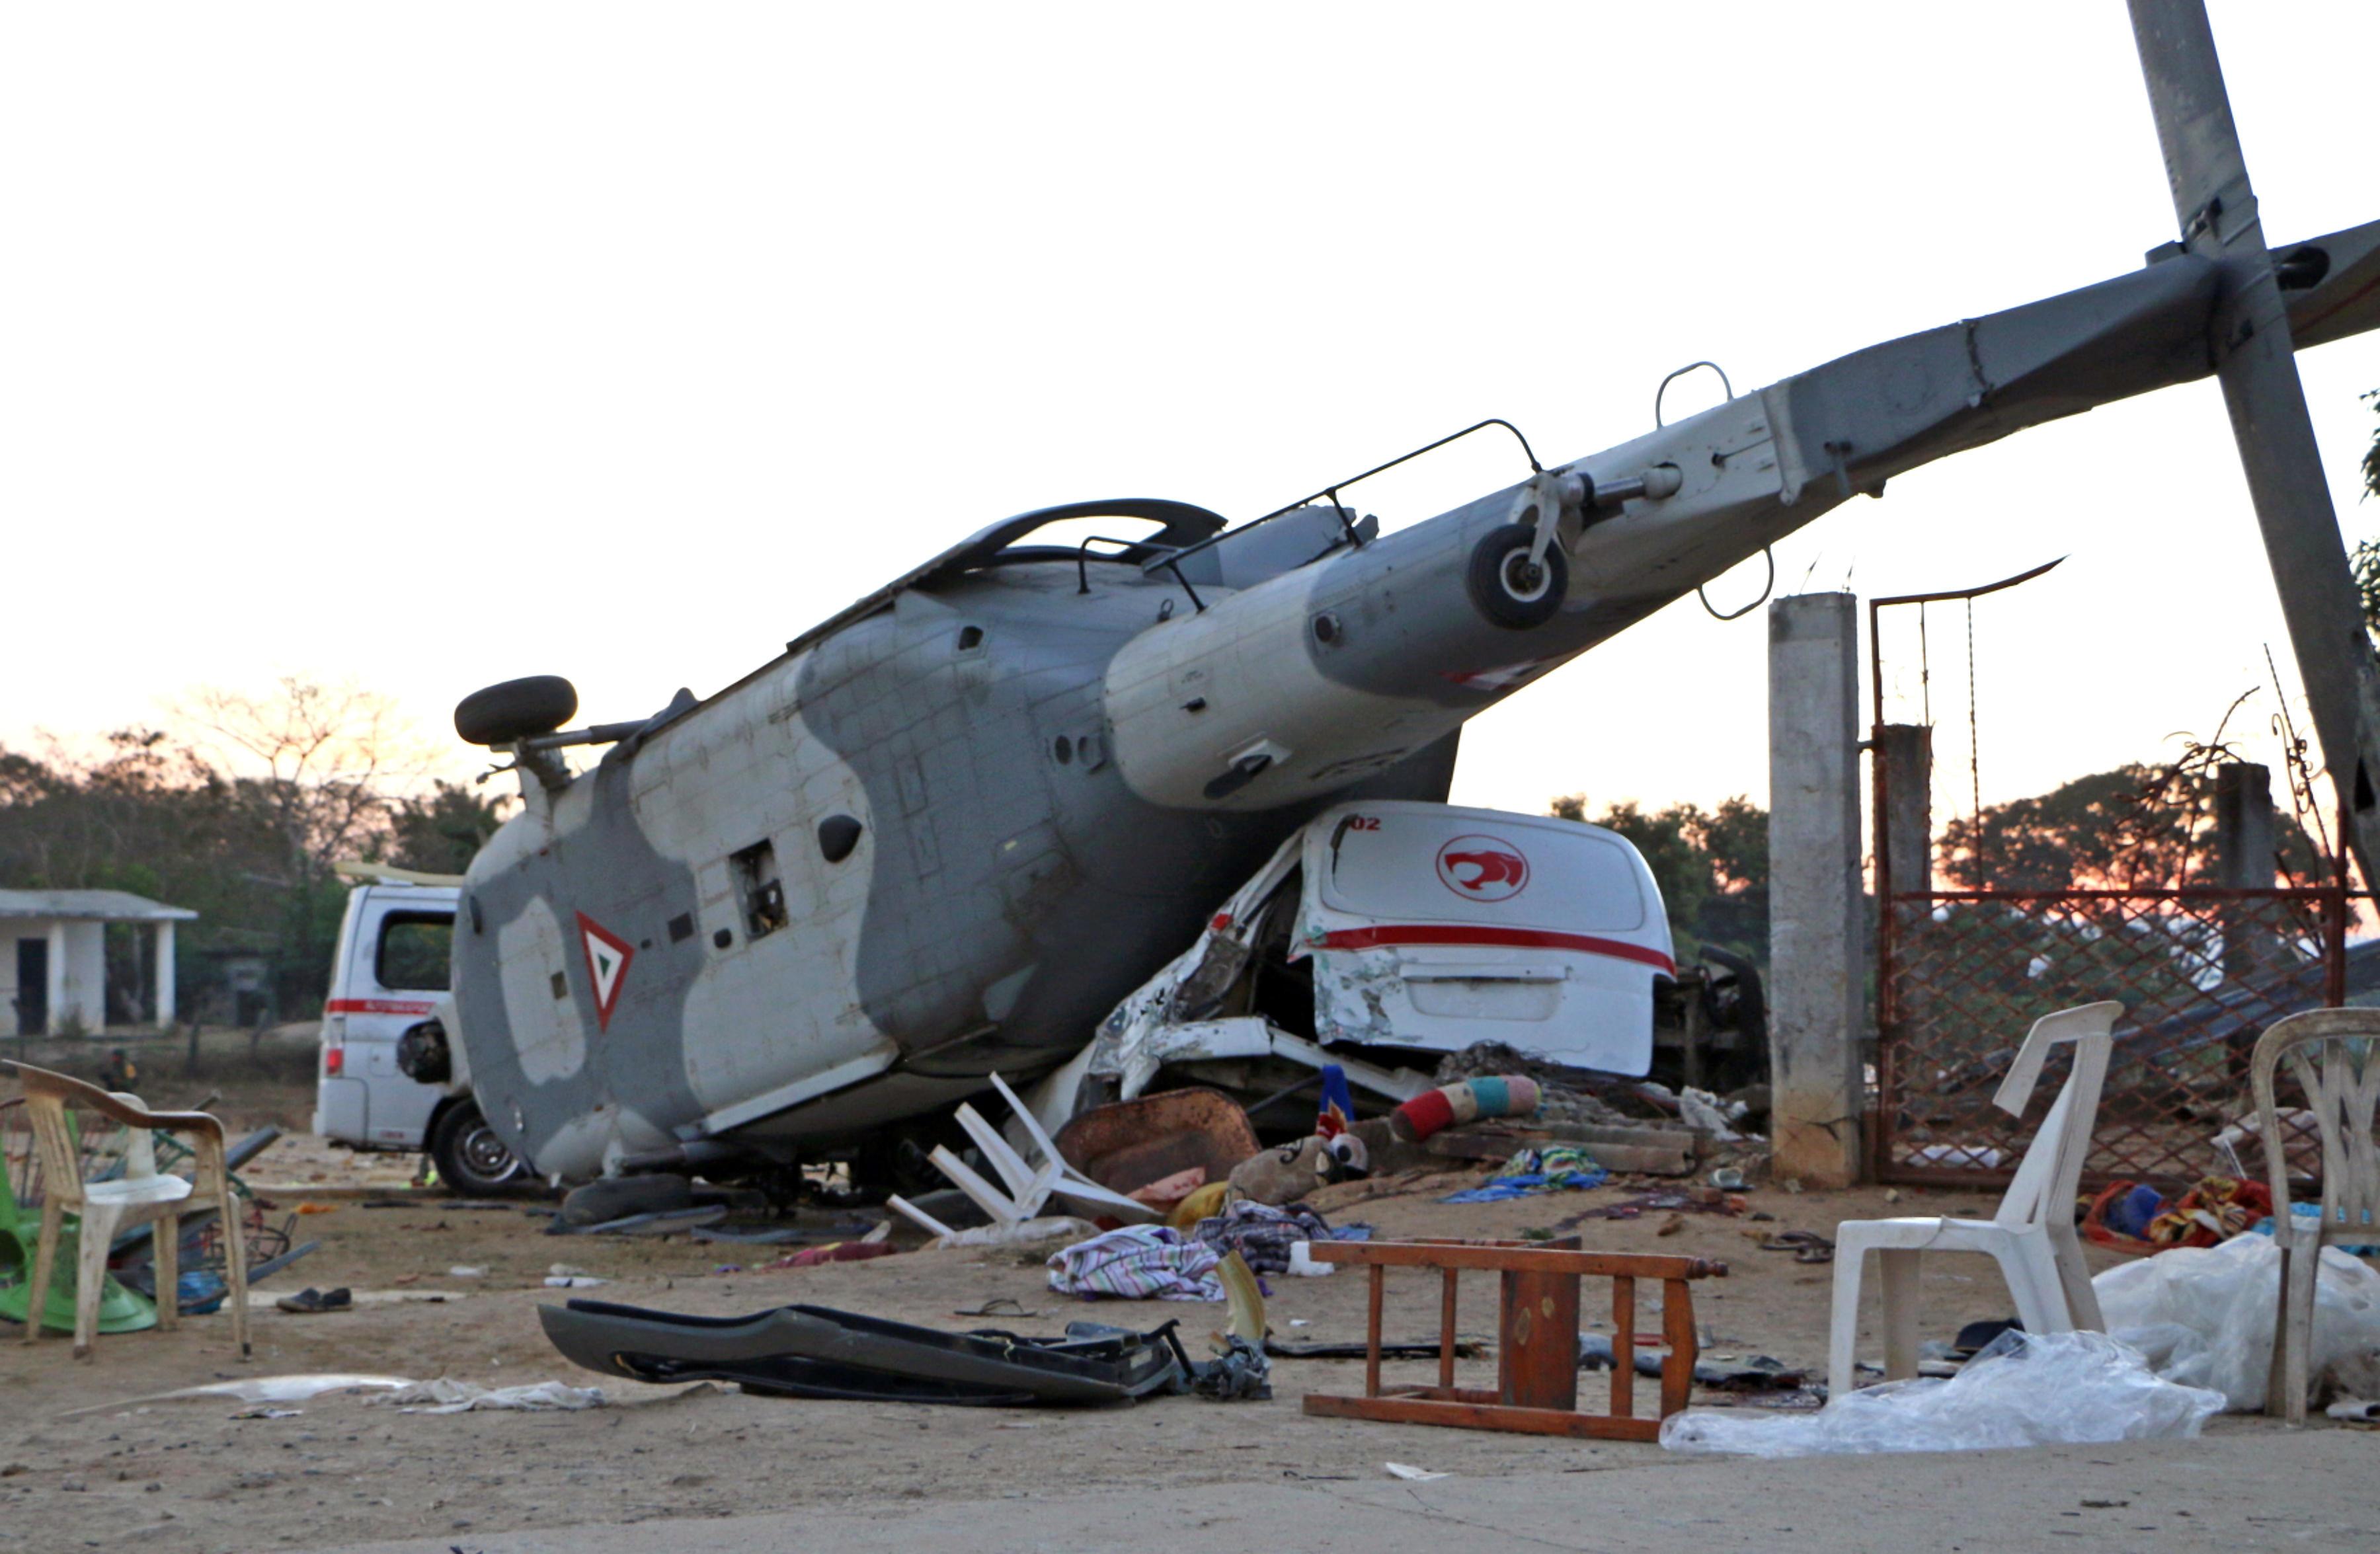 Elicottero 007 : Terremoto messico precipita elicottero dei soccorsi: 13 morti